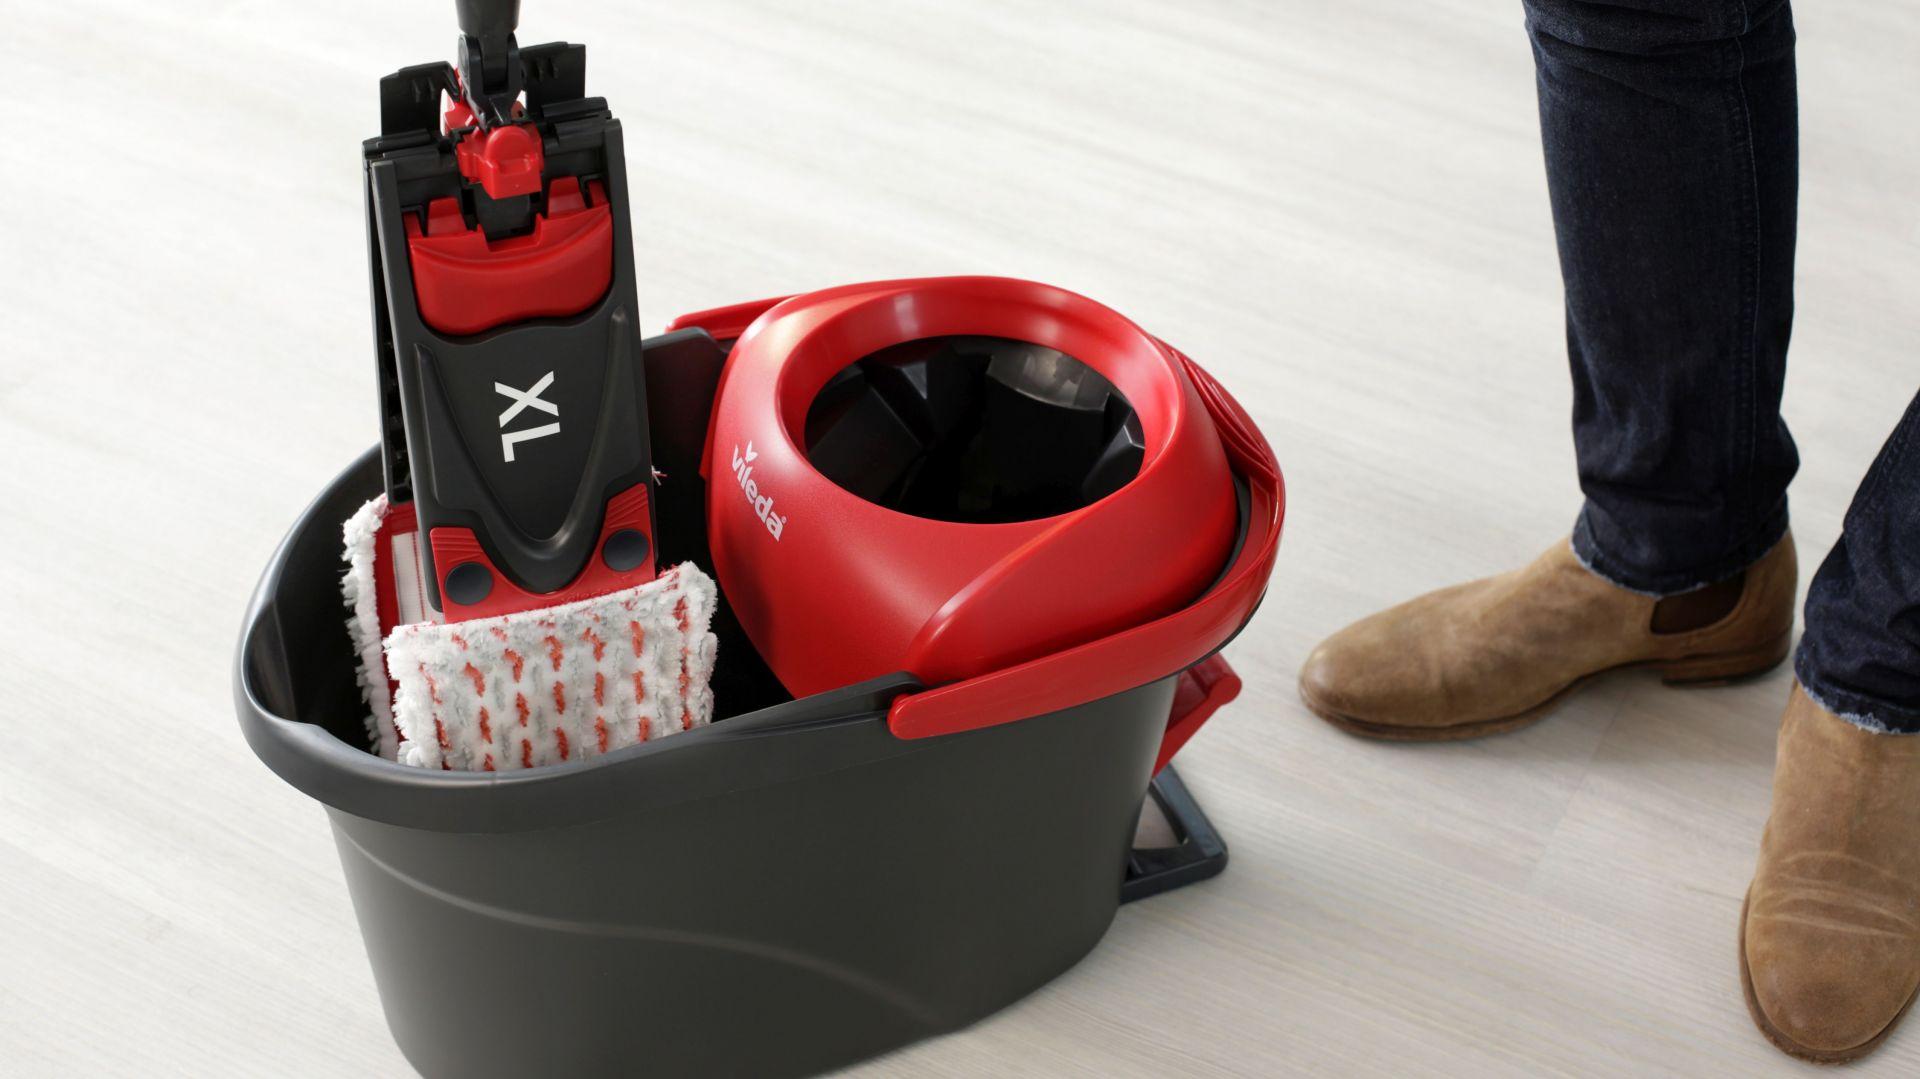 W przeciwieństwie do zwykłego mopa, Ultramat Turbo ma teraz rozmiar XL i zapewnia 25% więcej kontaktu z podłogą. Dzięki temu czyszczenie jest bardzo wydajne.  Fot. Vileda